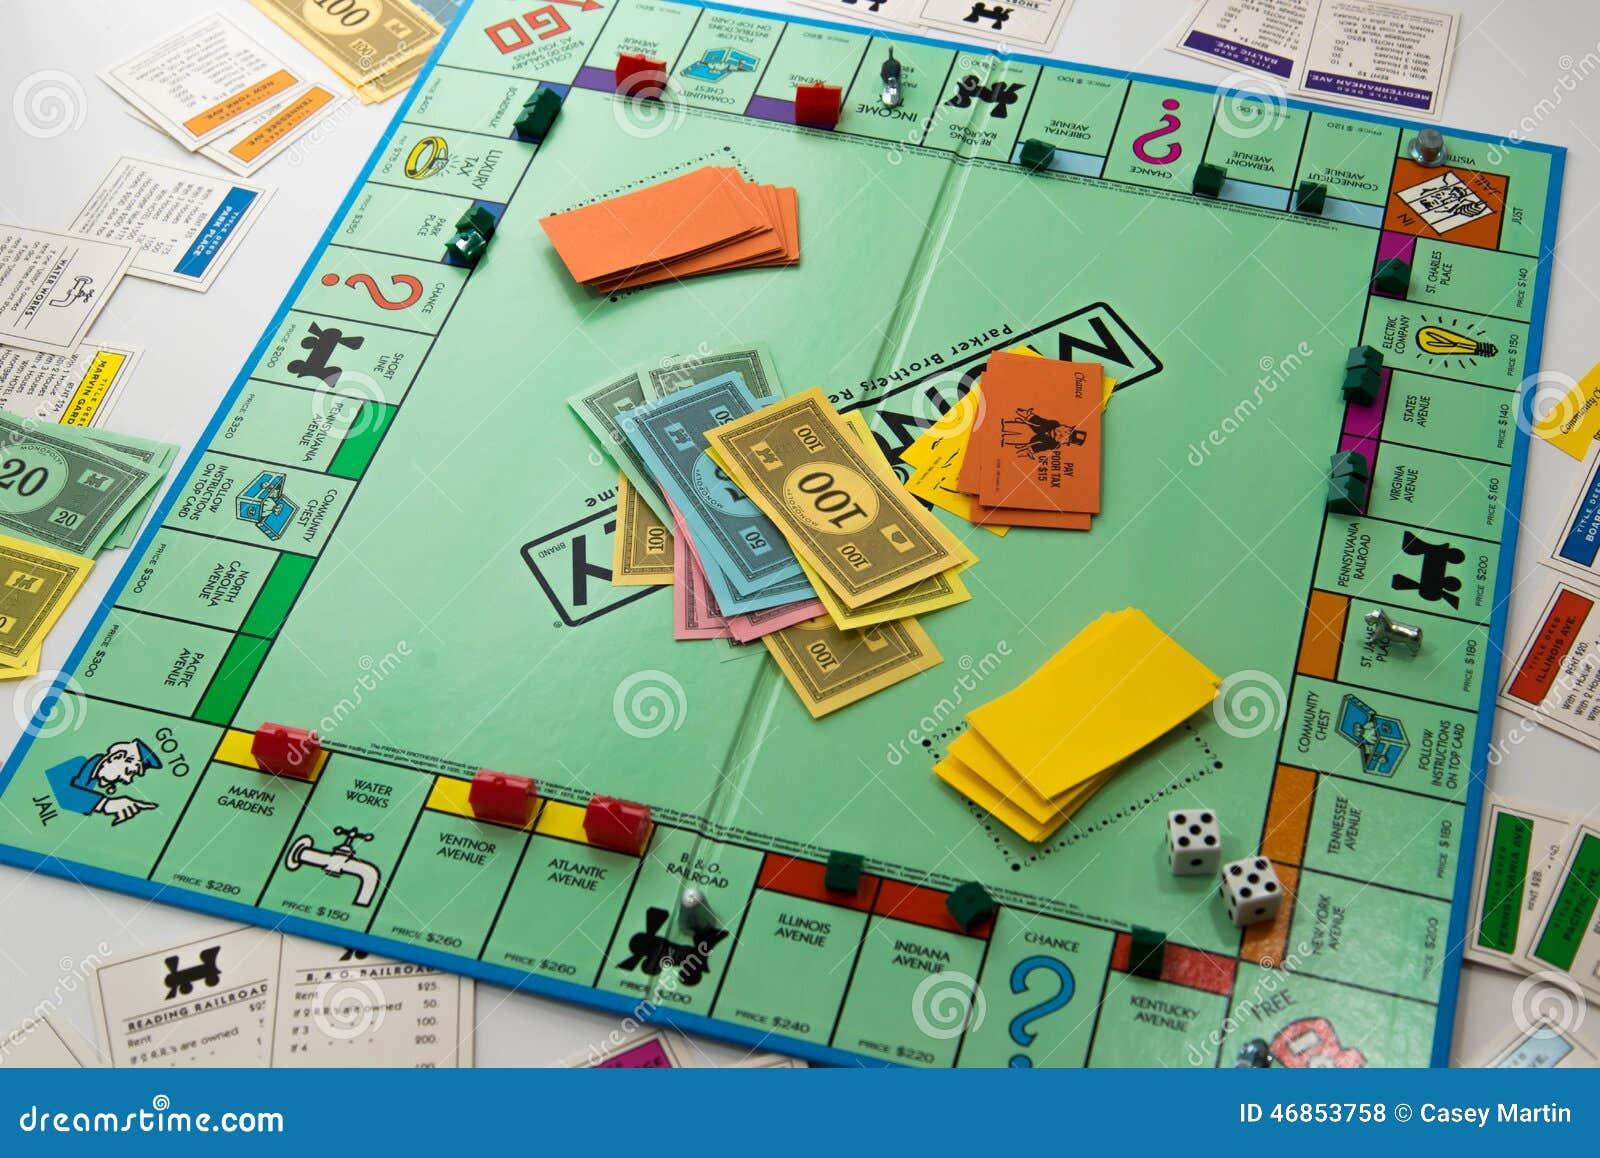 Juego de mesa del monopolio en juego foto de archivo for Formula d juego de mesa